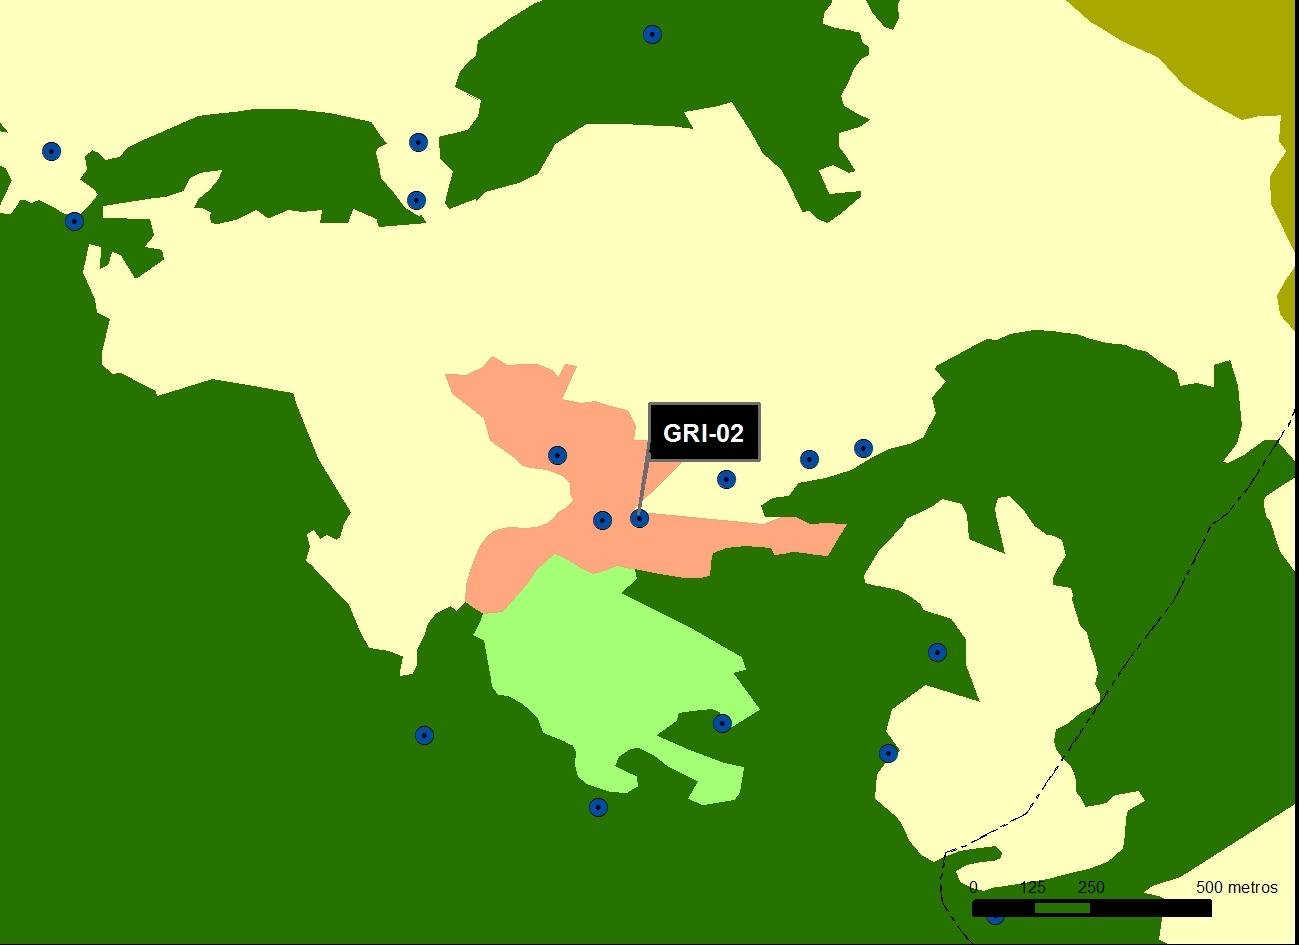 GRI_02_M.V.LOZANO_NOVIOS_MAP.VEG